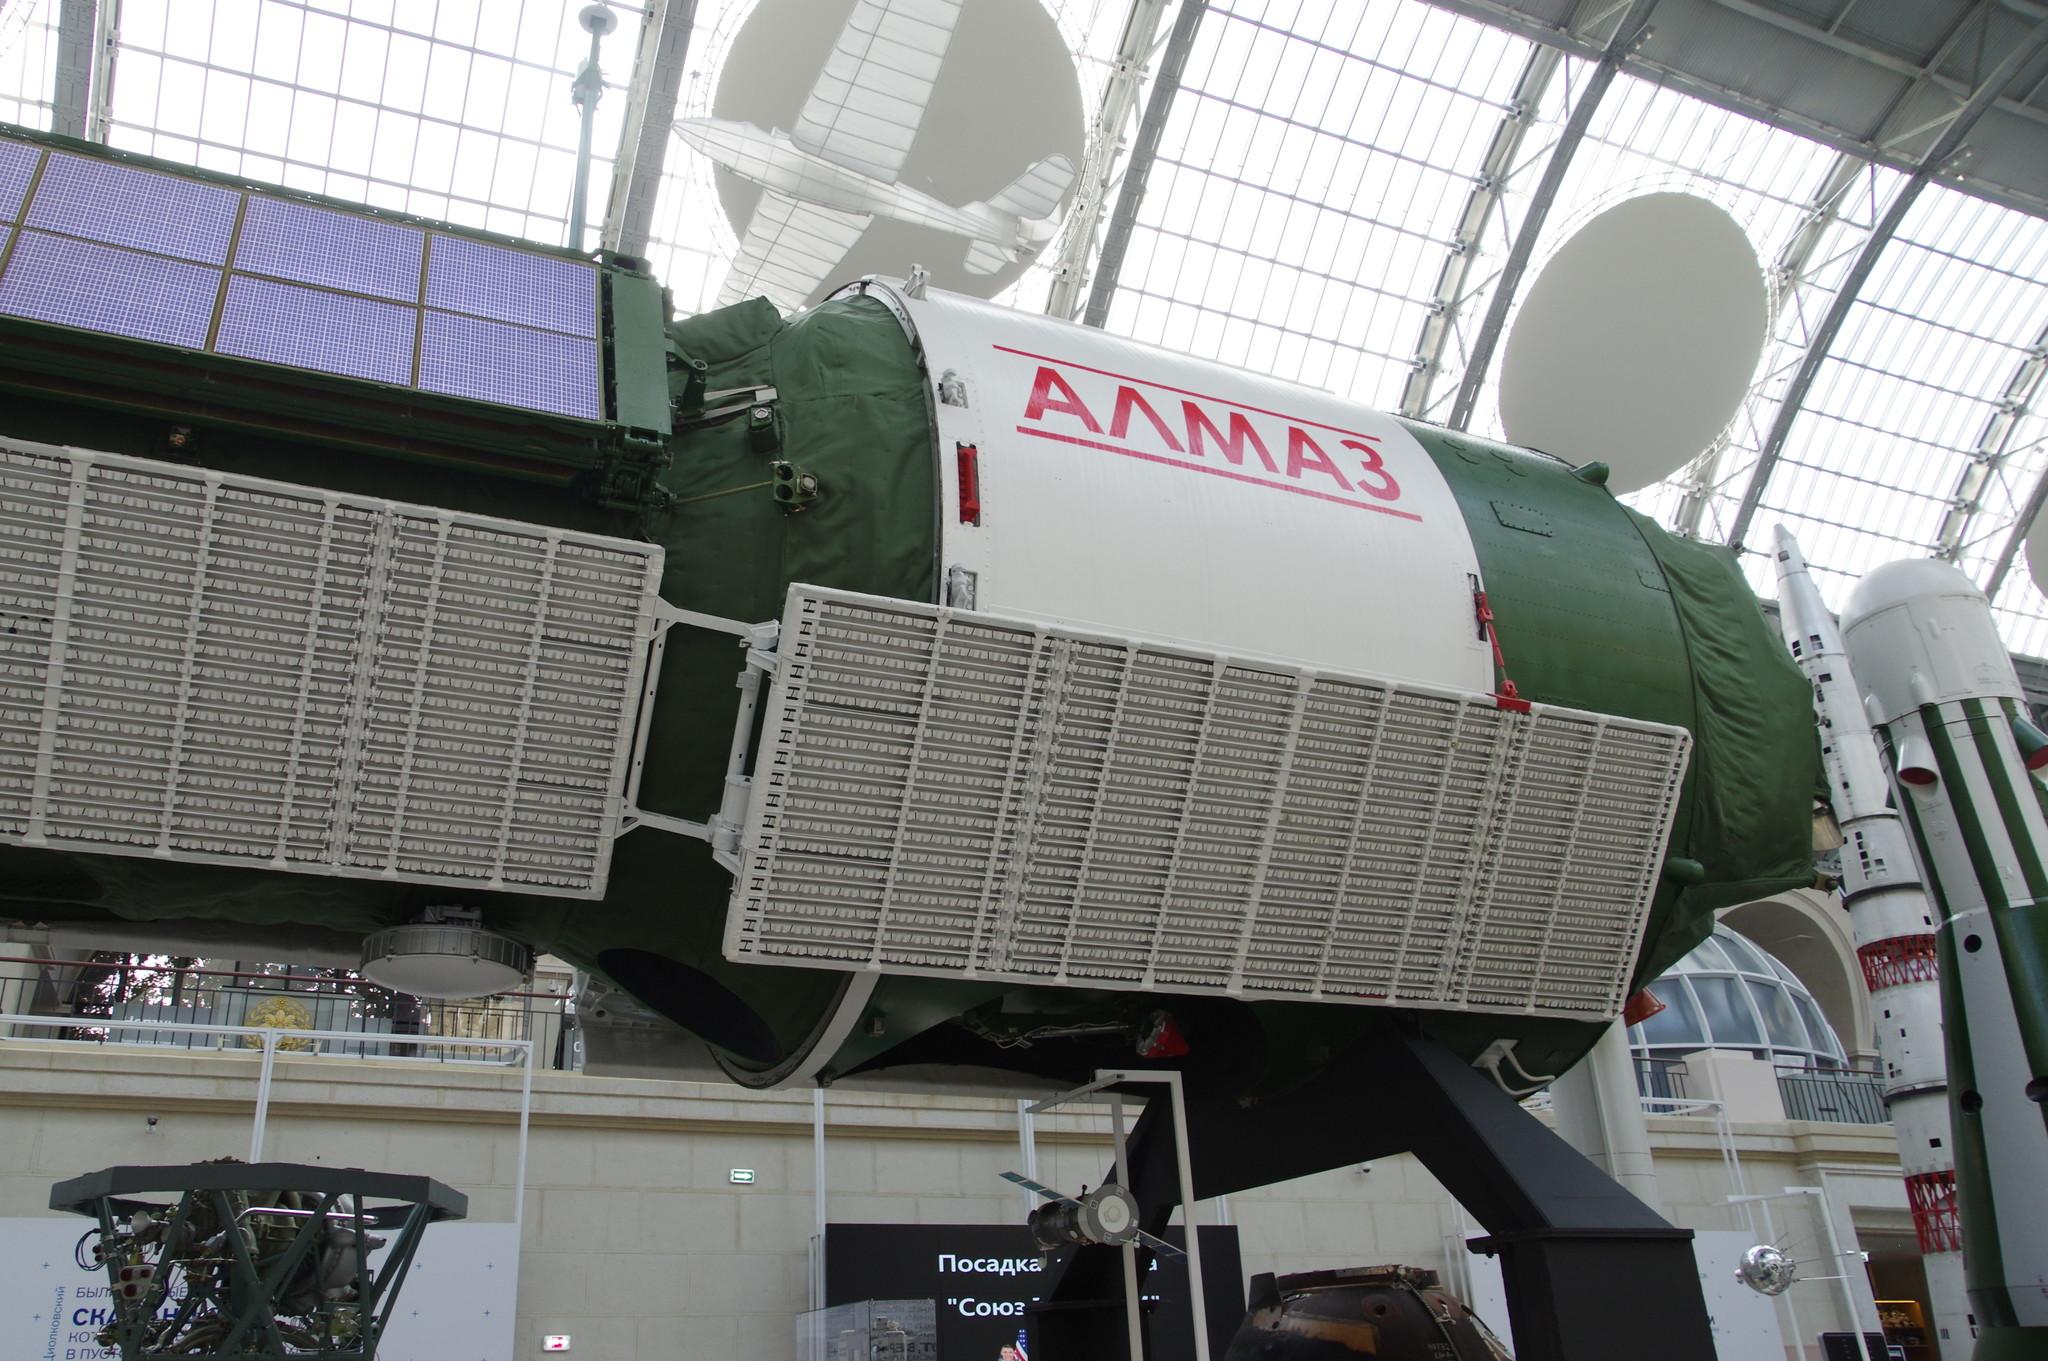 Автоматическая космическая станция «Алмаз». Натурный образец. Центр «Космонавтика и авиация» на ВДНХ